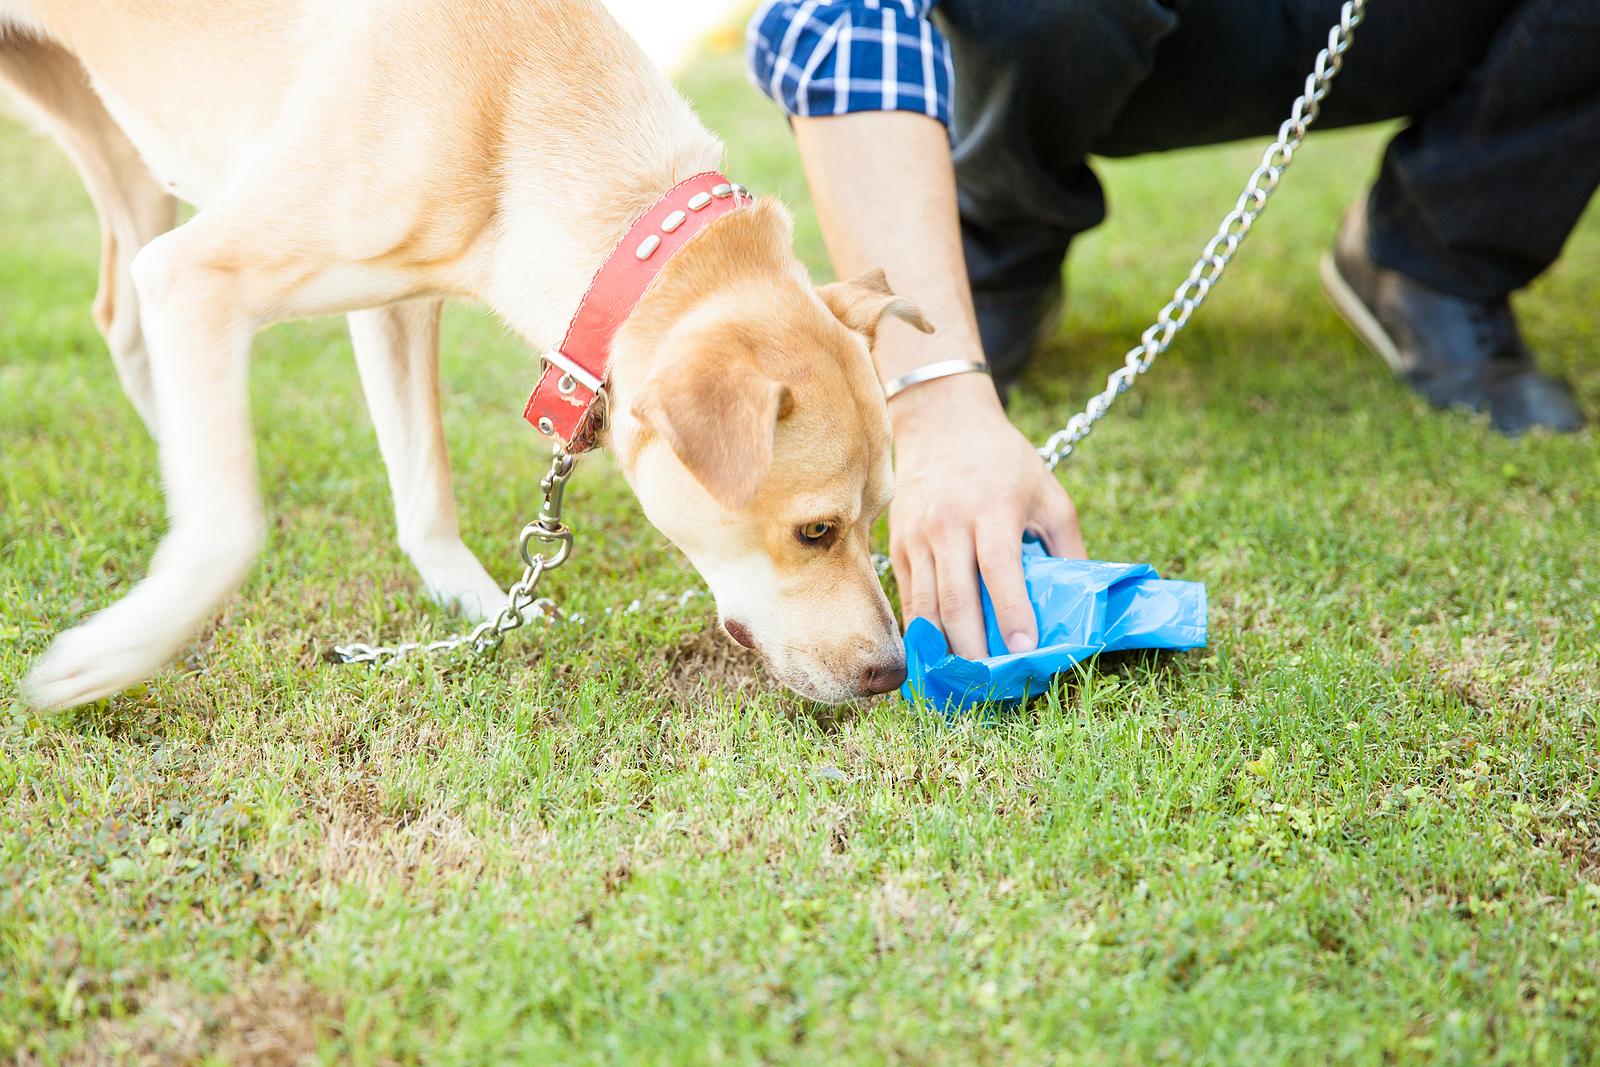 Mit tegyek, ha ürüléket eszik a kutyám?